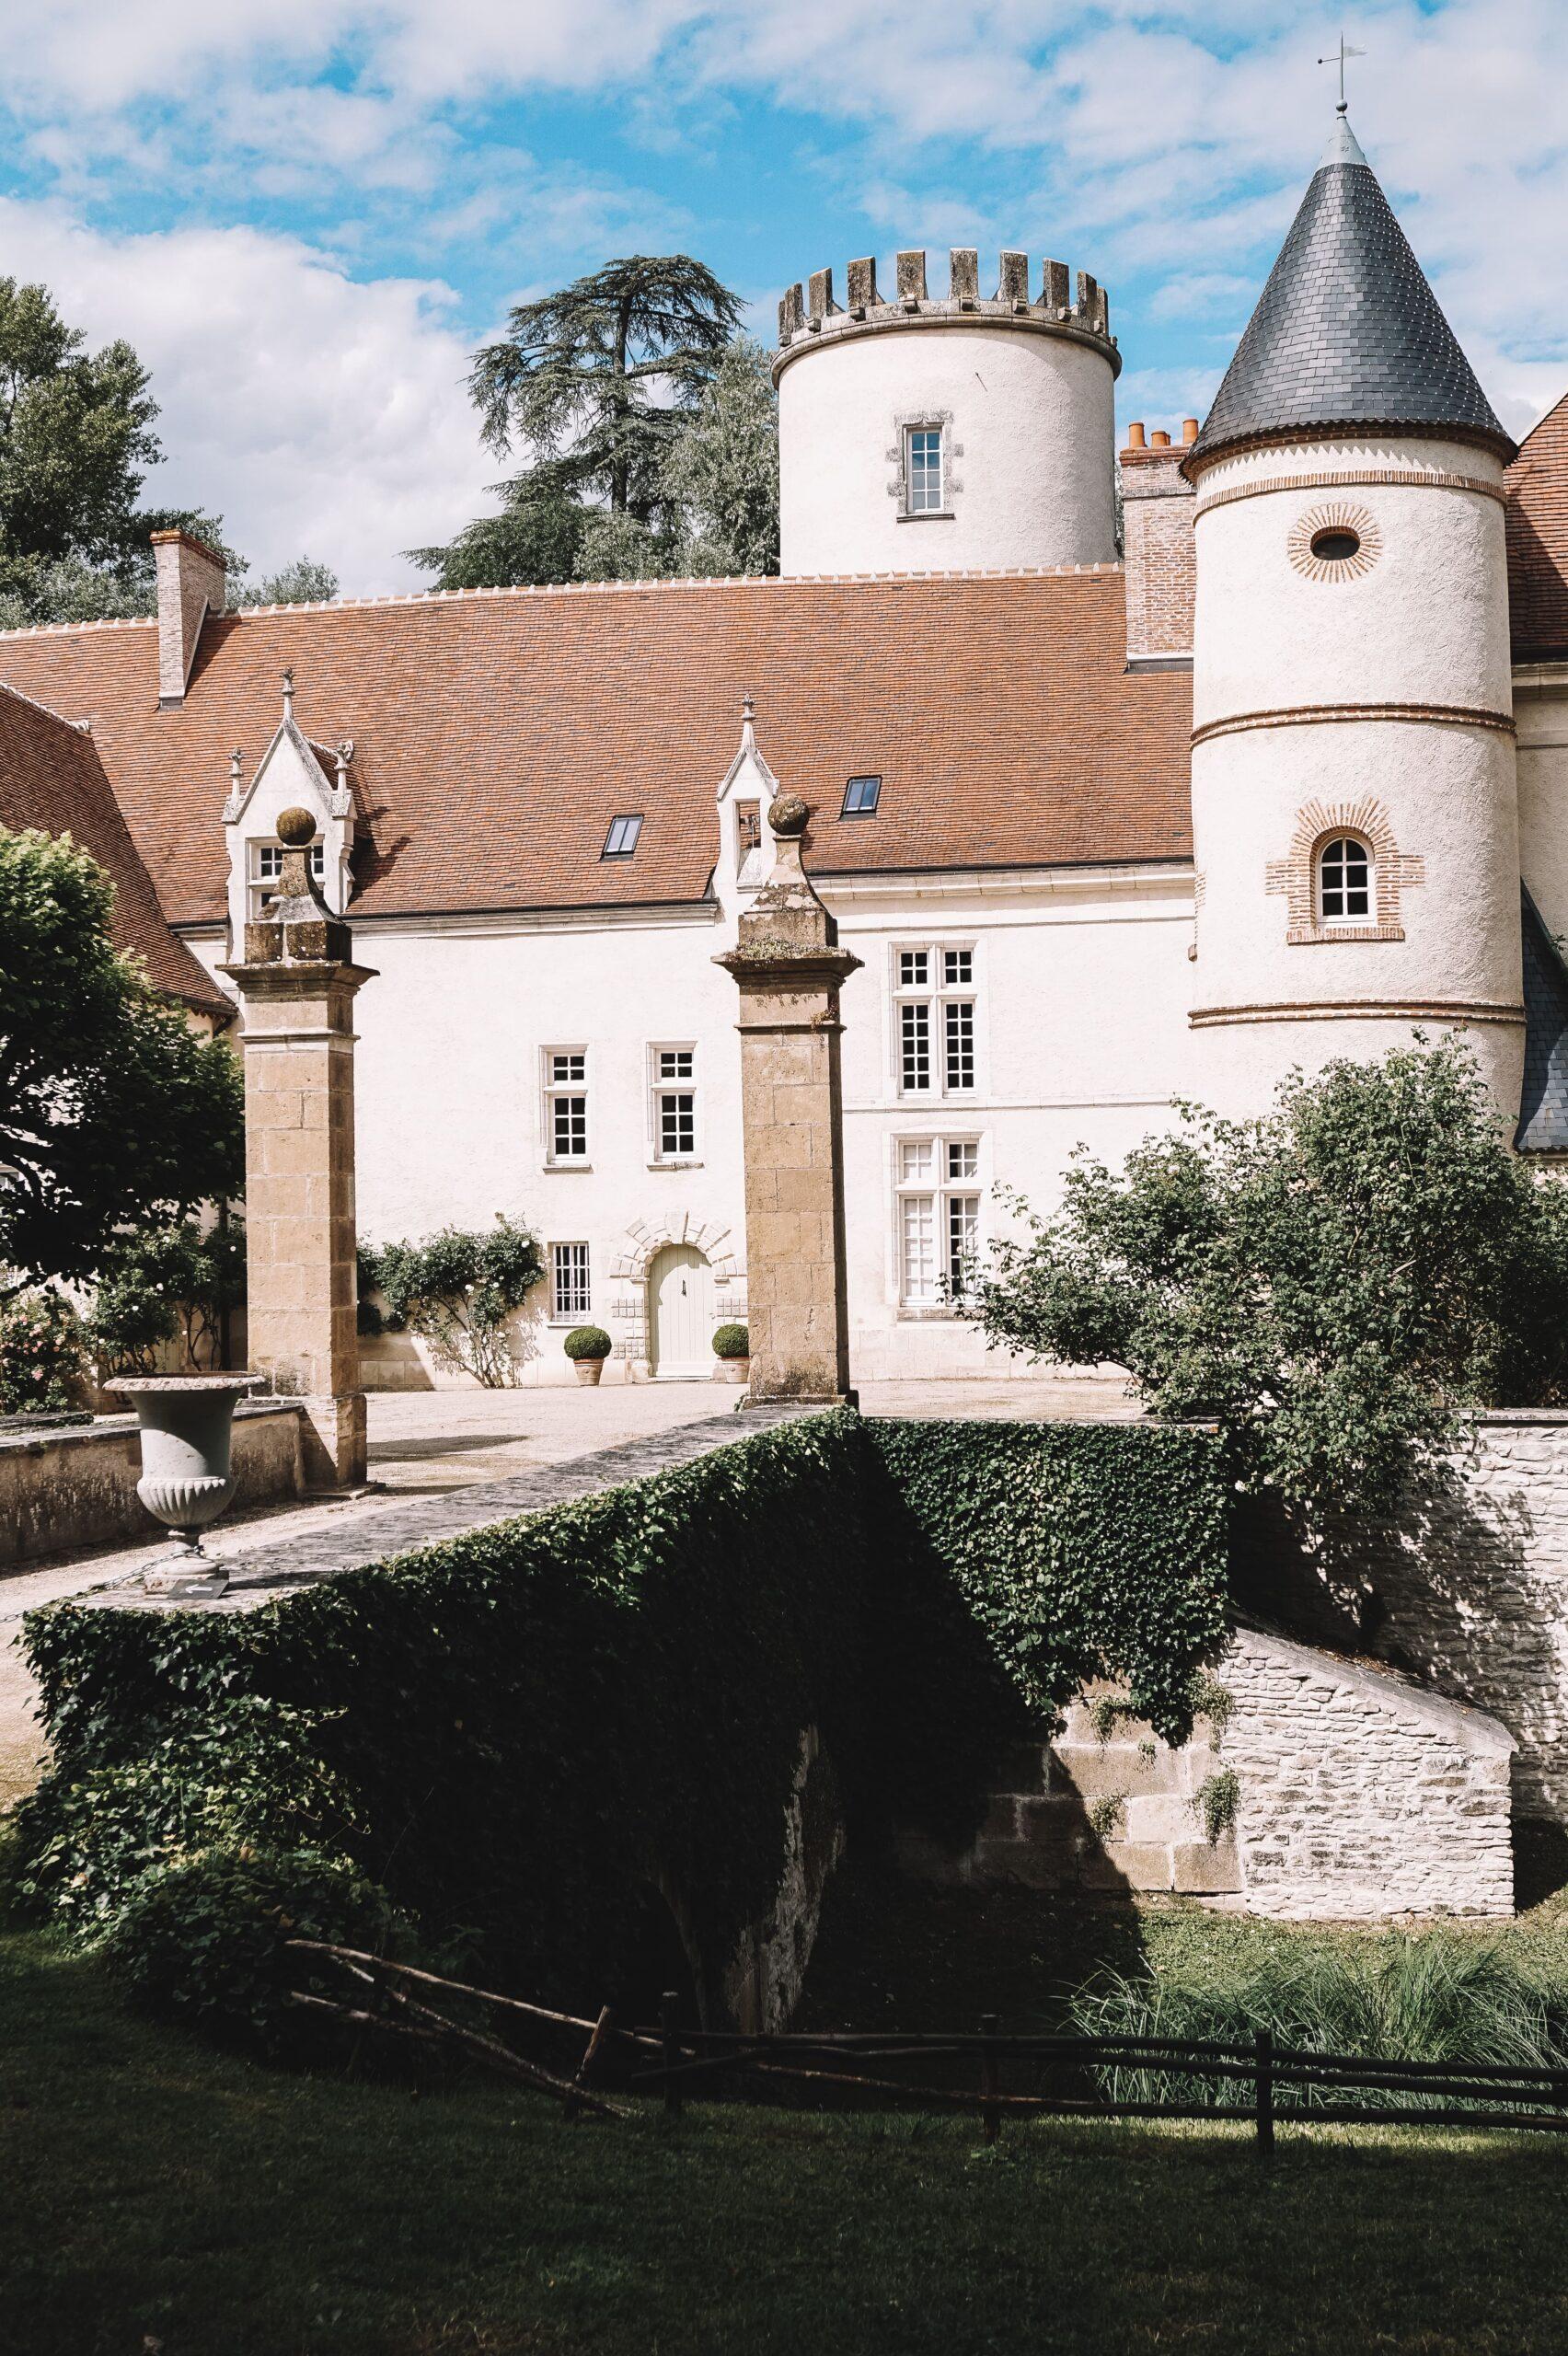 loiredal chateau